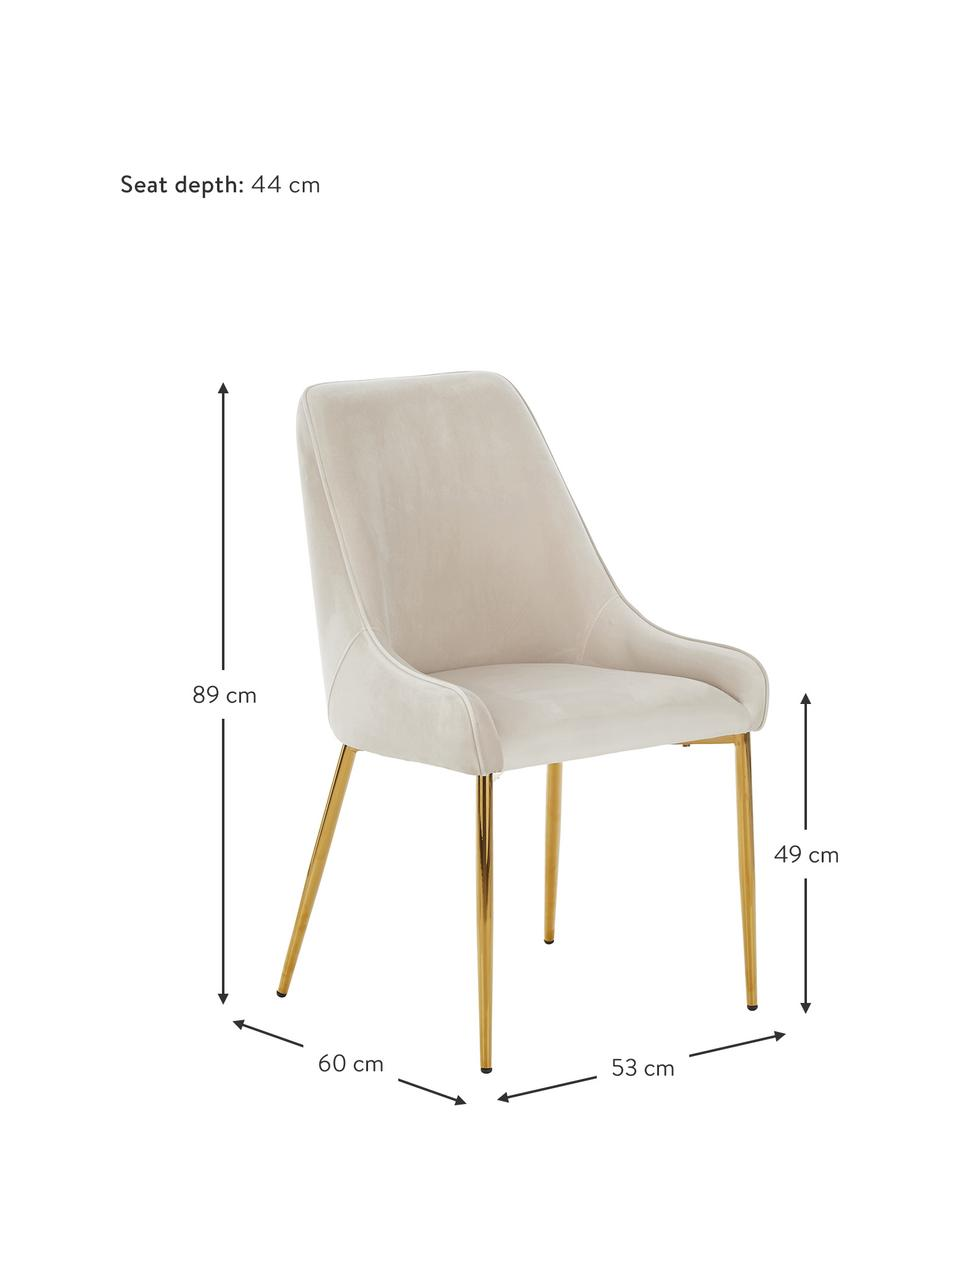 Sedia imbottita in velluto con gambe dorate Ava, Rivestimento: velluto (100% poliestere), Gambe: metallo zincato, Velluto beige, Larg. 53 x Prof. 60 cm